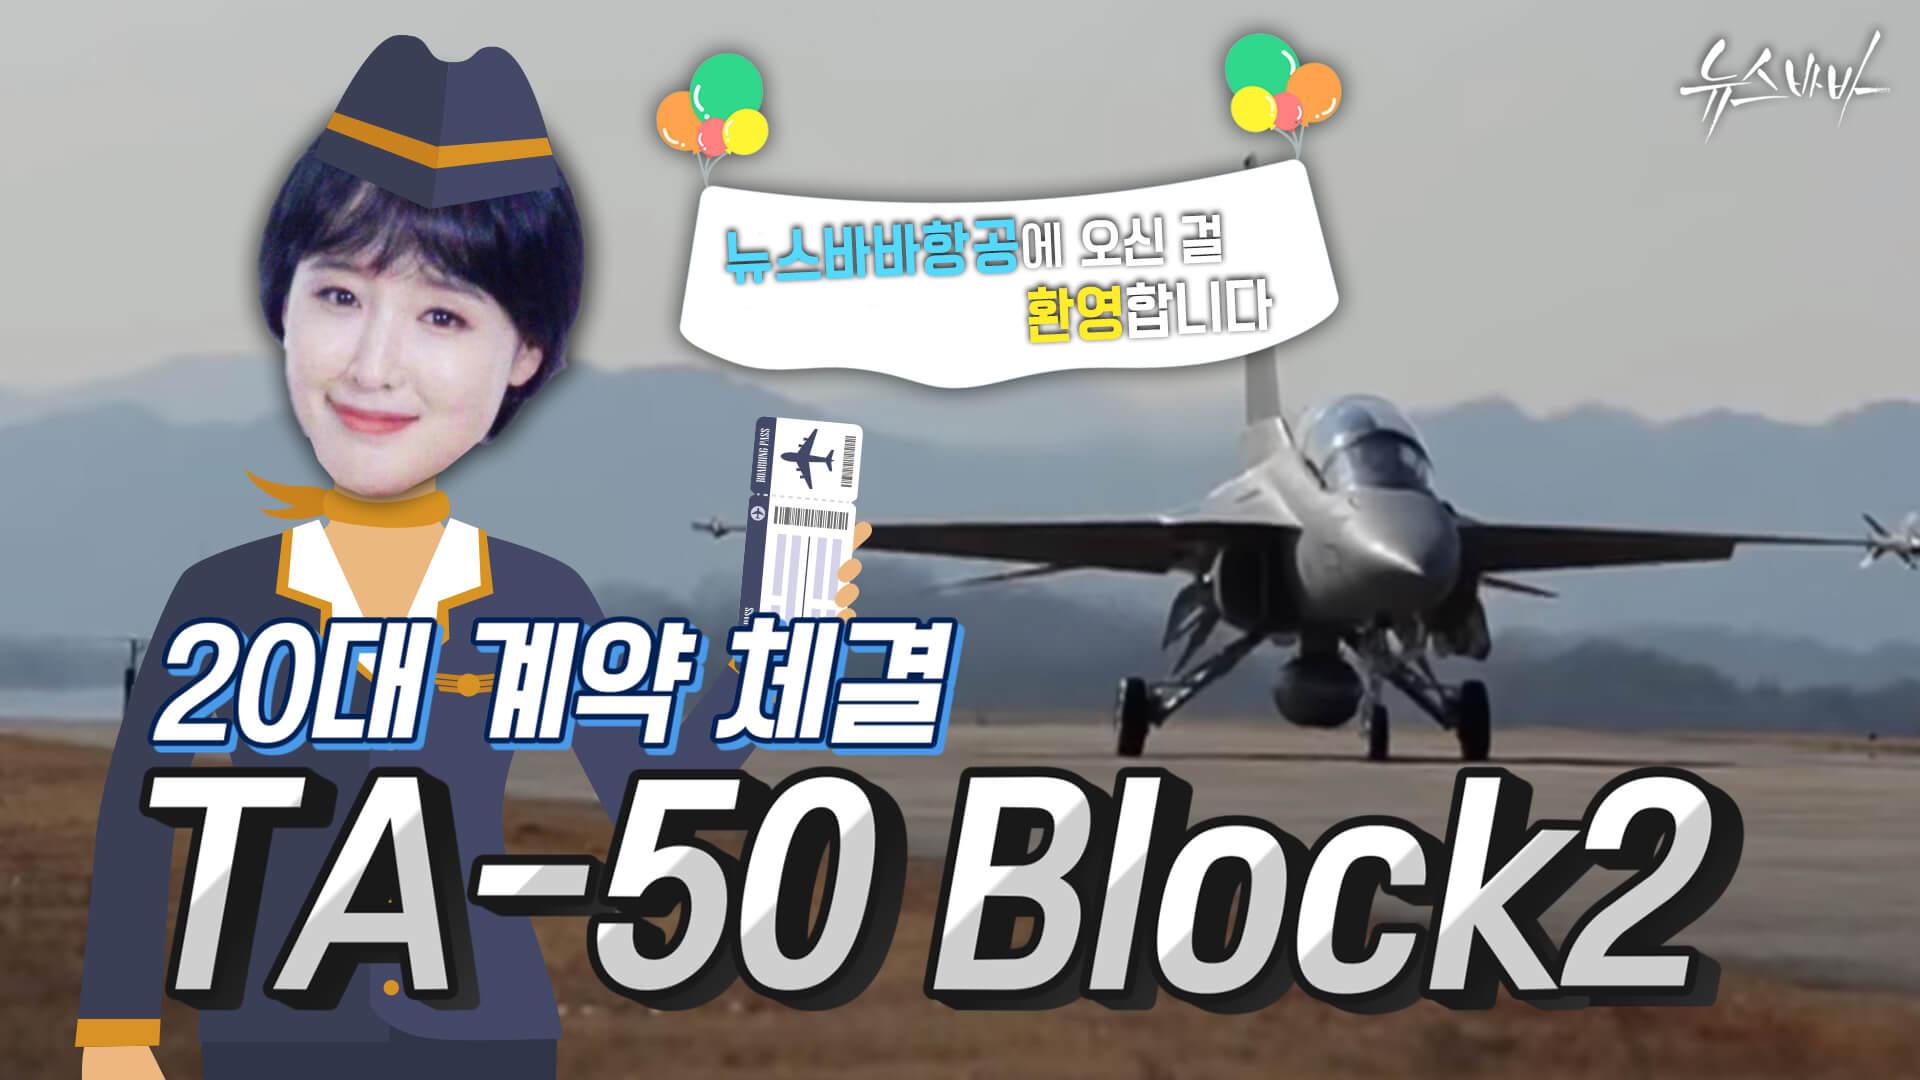 [뉴스바바] TA-50 블록 2 계약